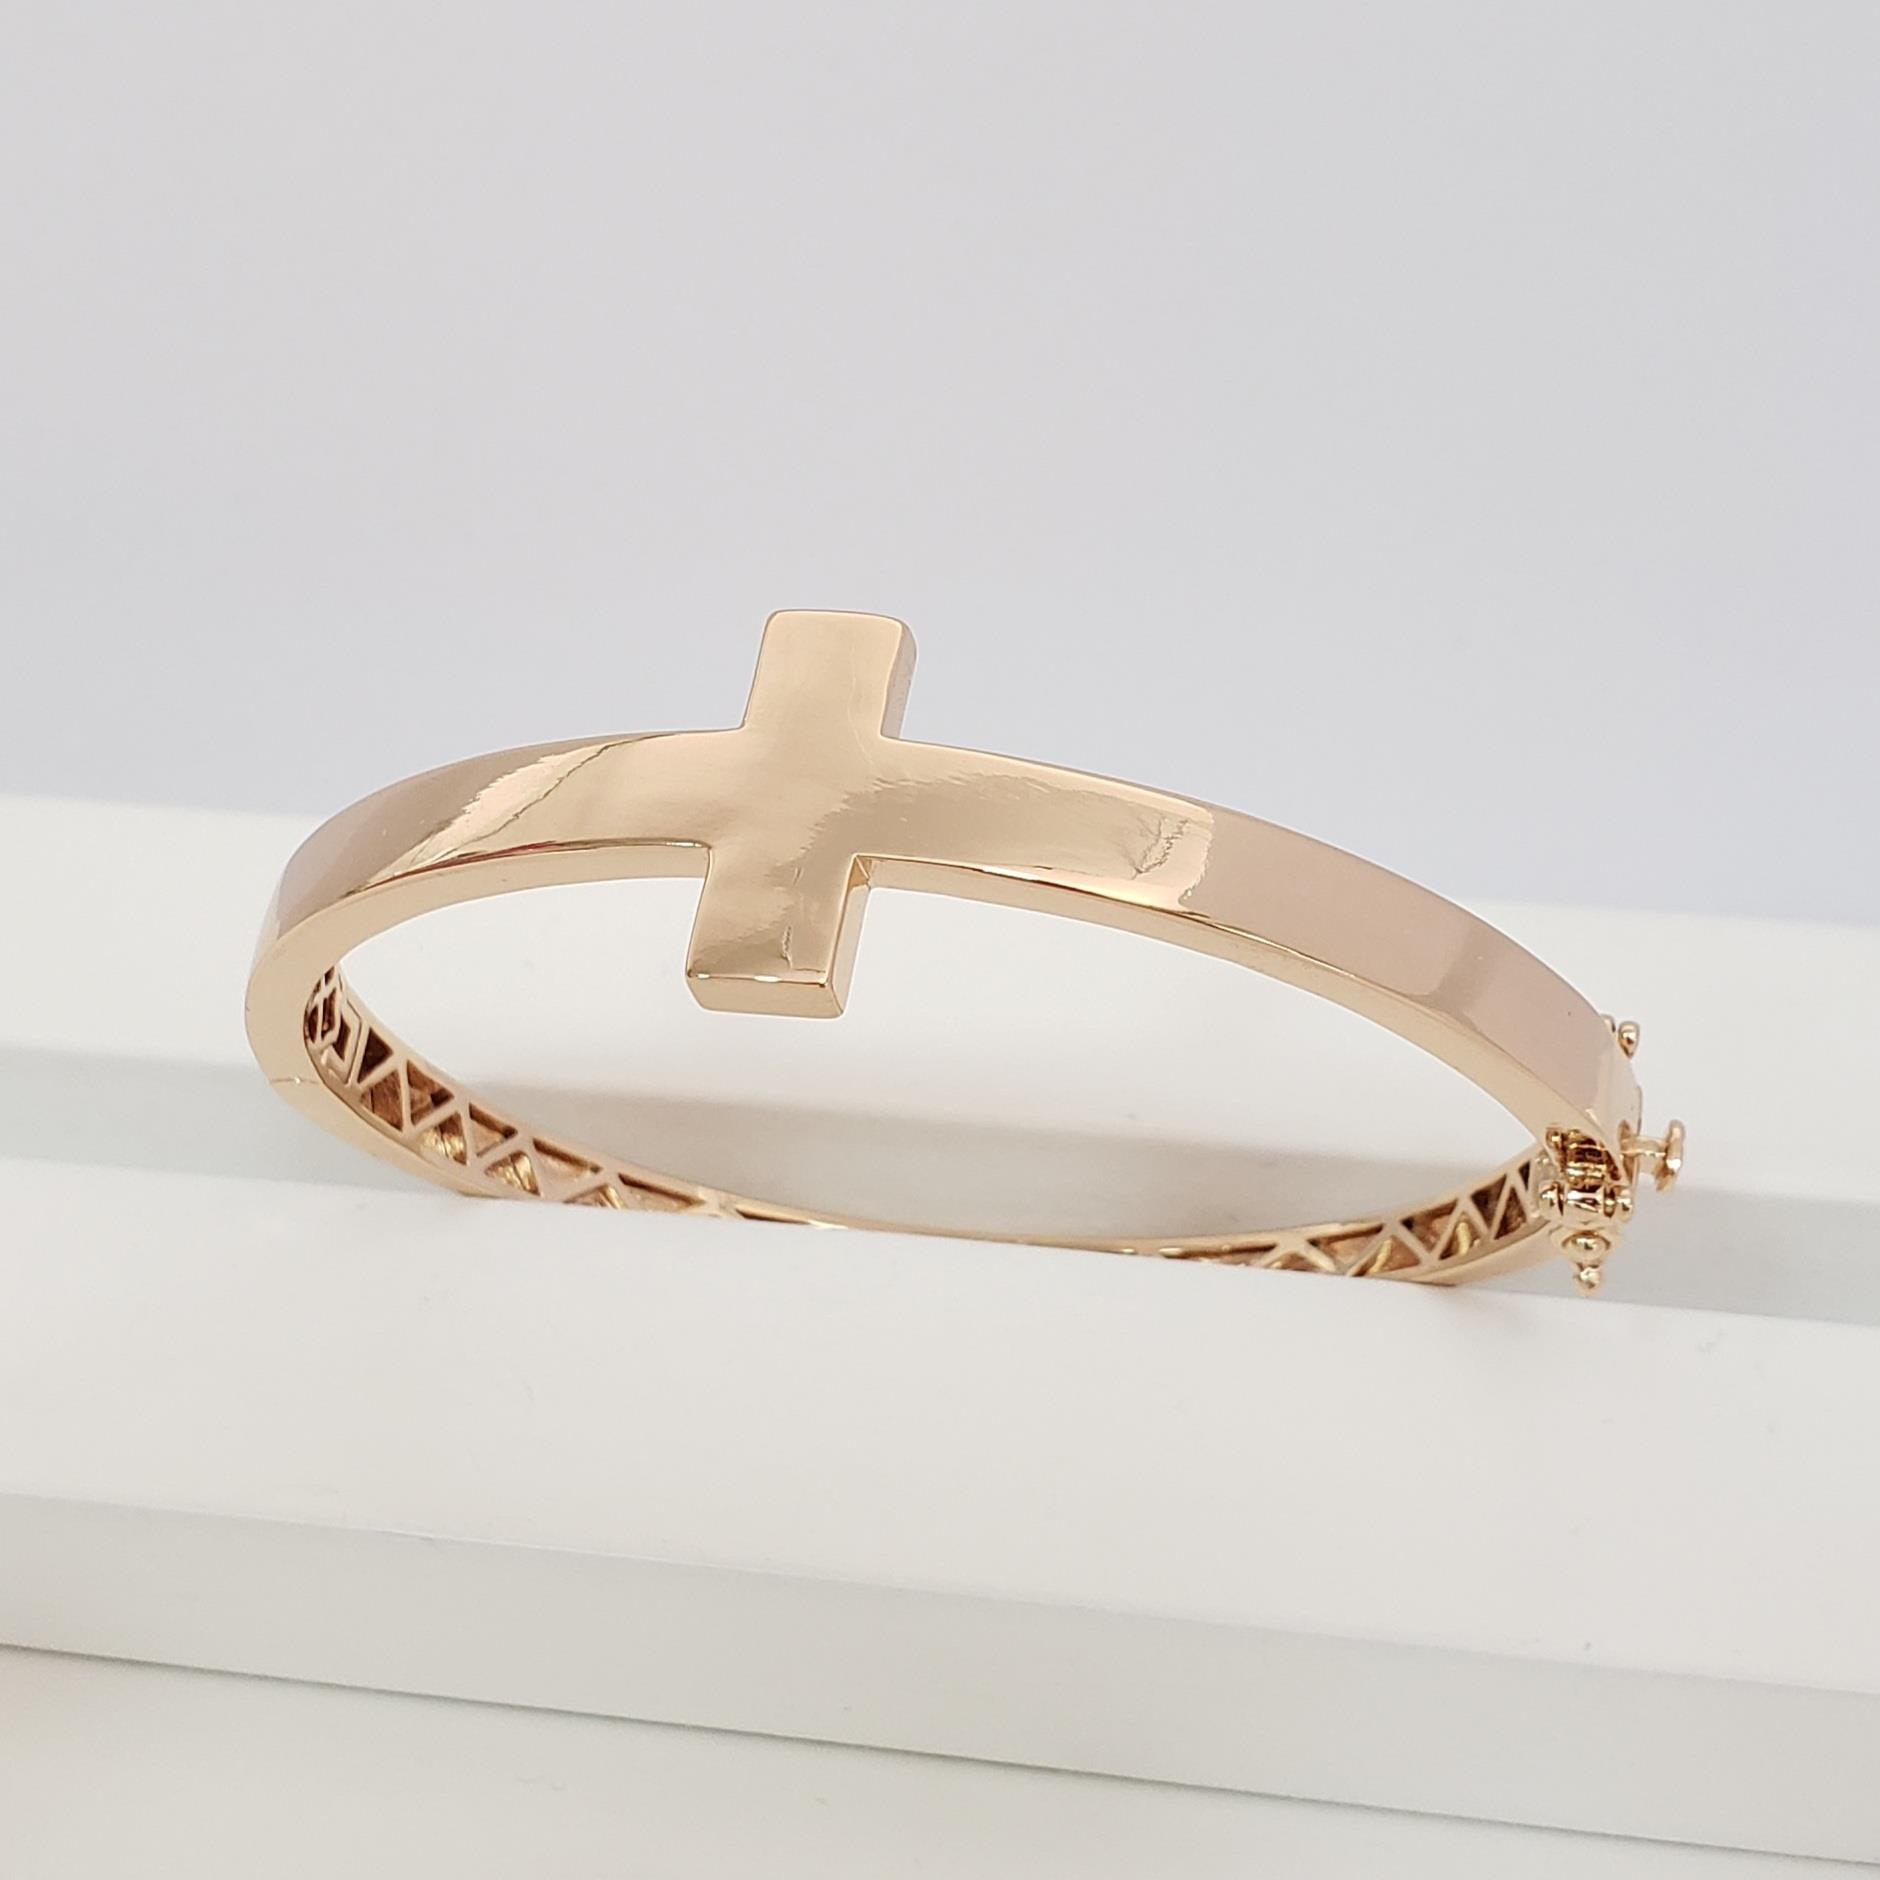 Bracelete Largo com Cruz Centro no Banho Ouro 18k Semijoia